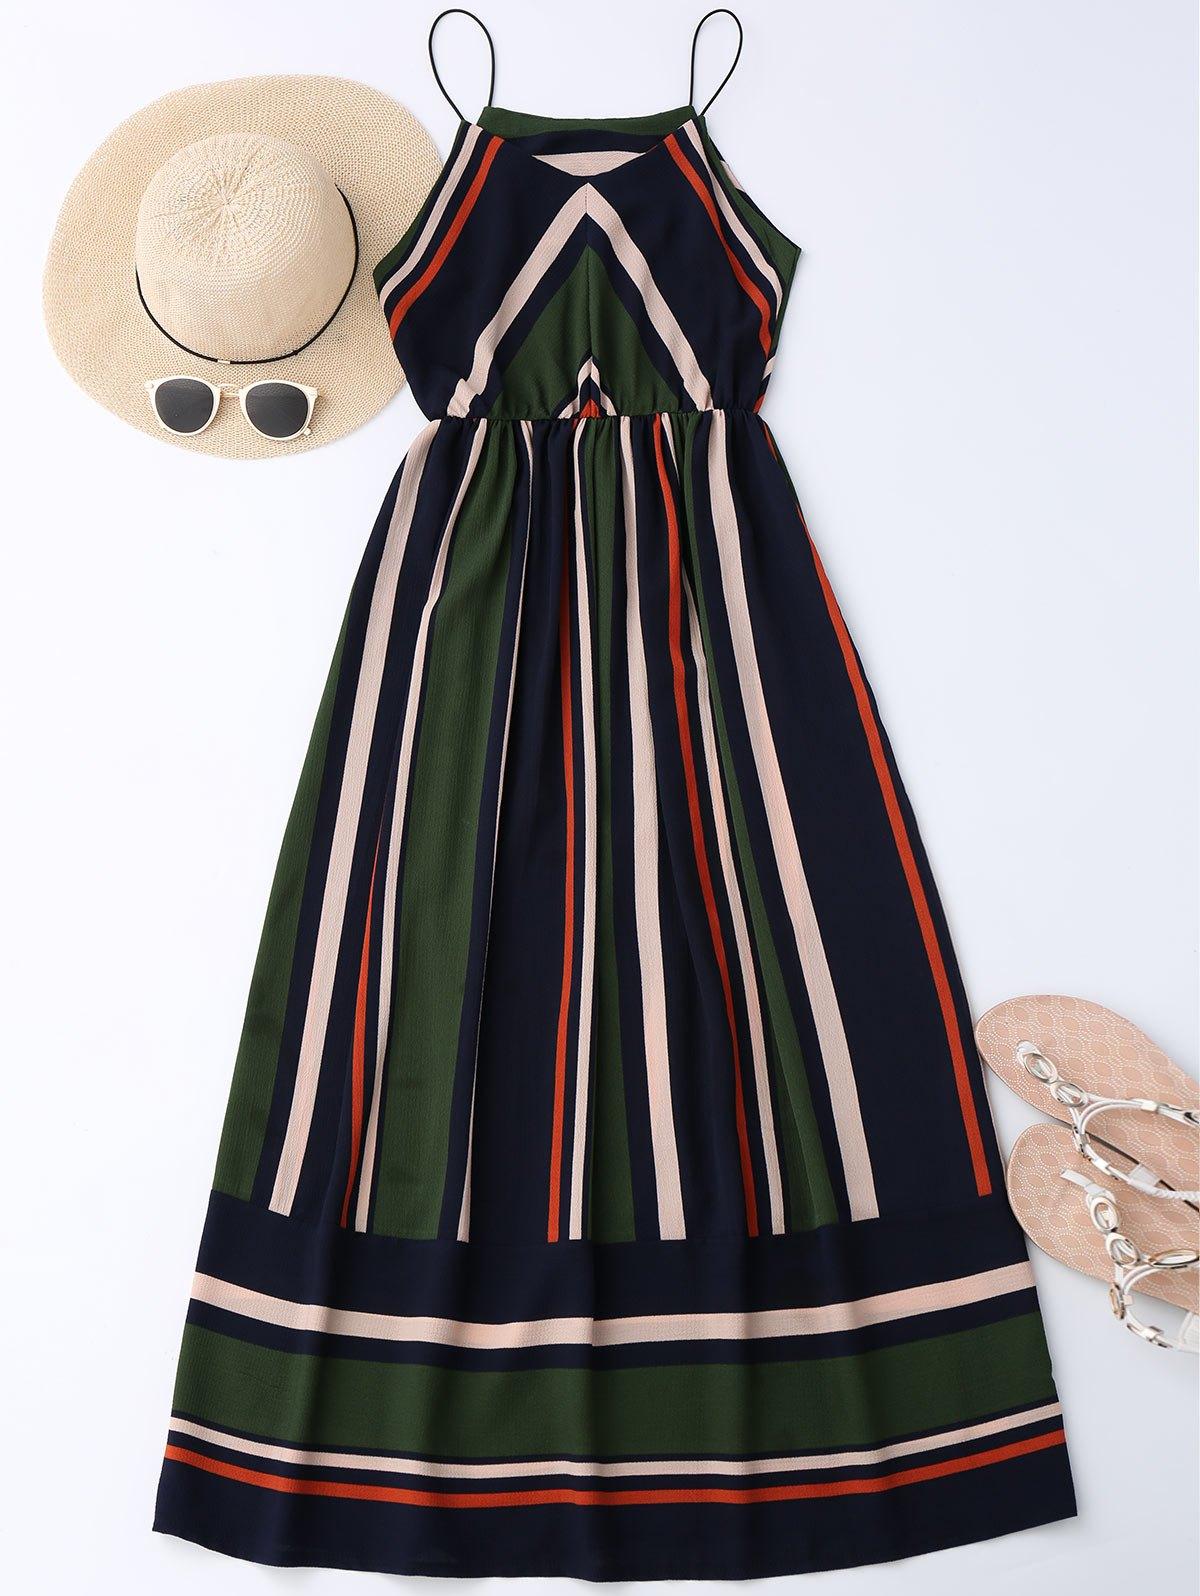 Maxi Holiday Sundress With Stripes, Blackish green